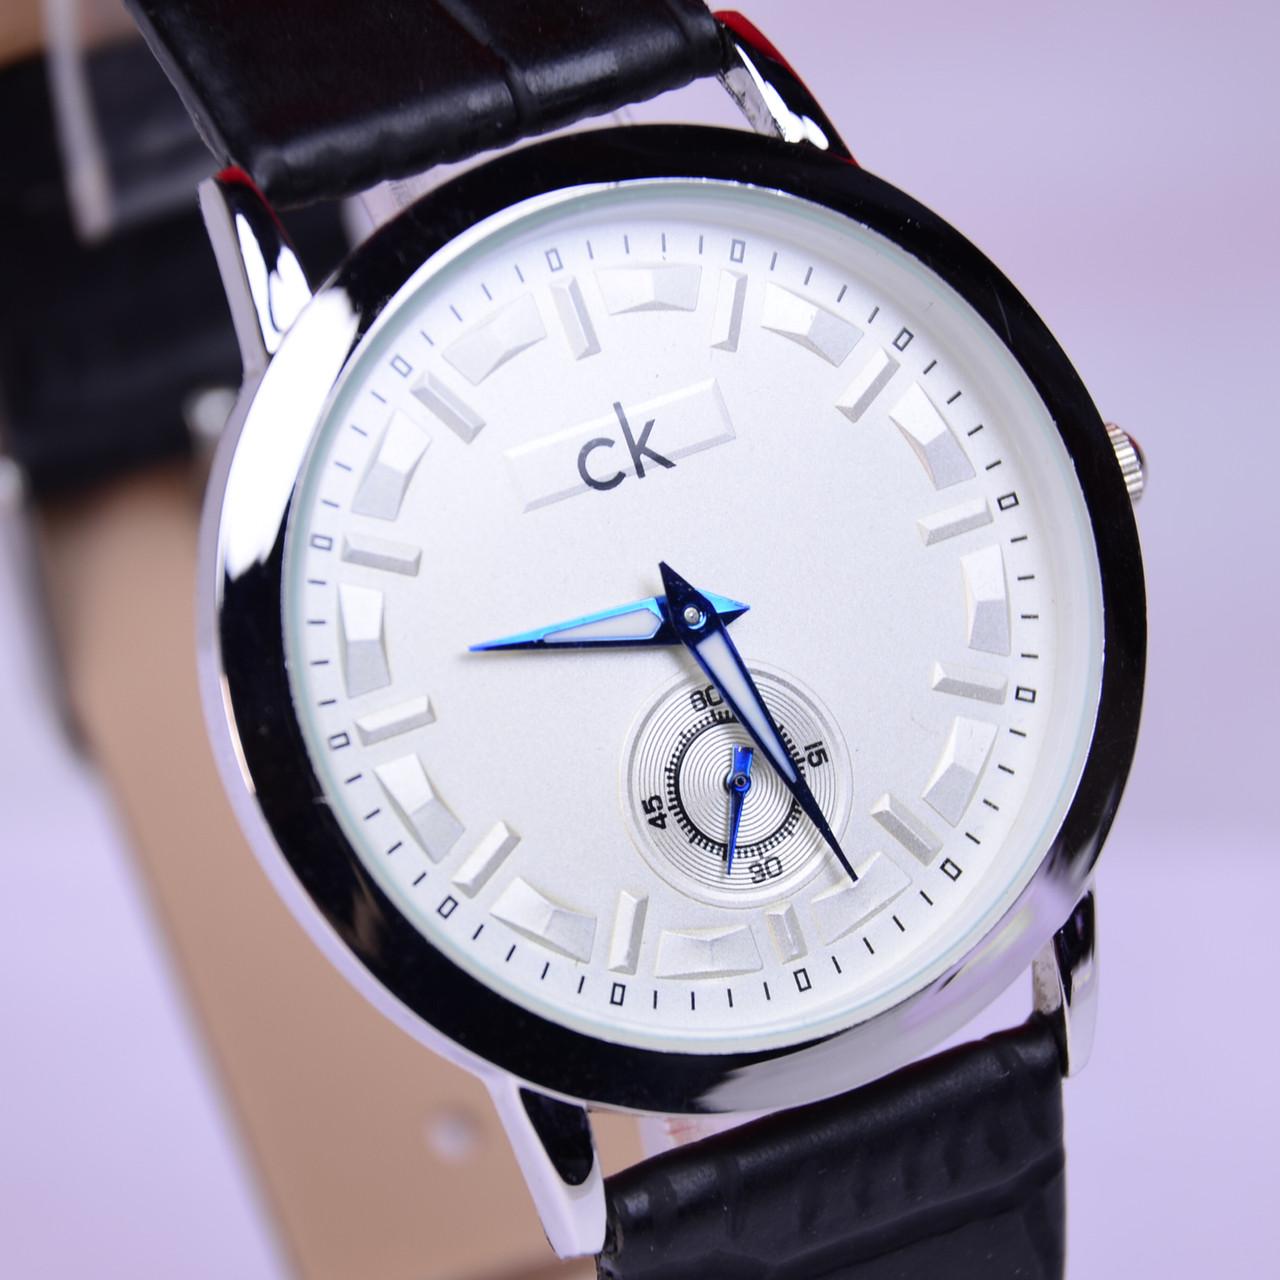 Часы наручные CK Calvin Klein в стальном цвете,белый циферблат